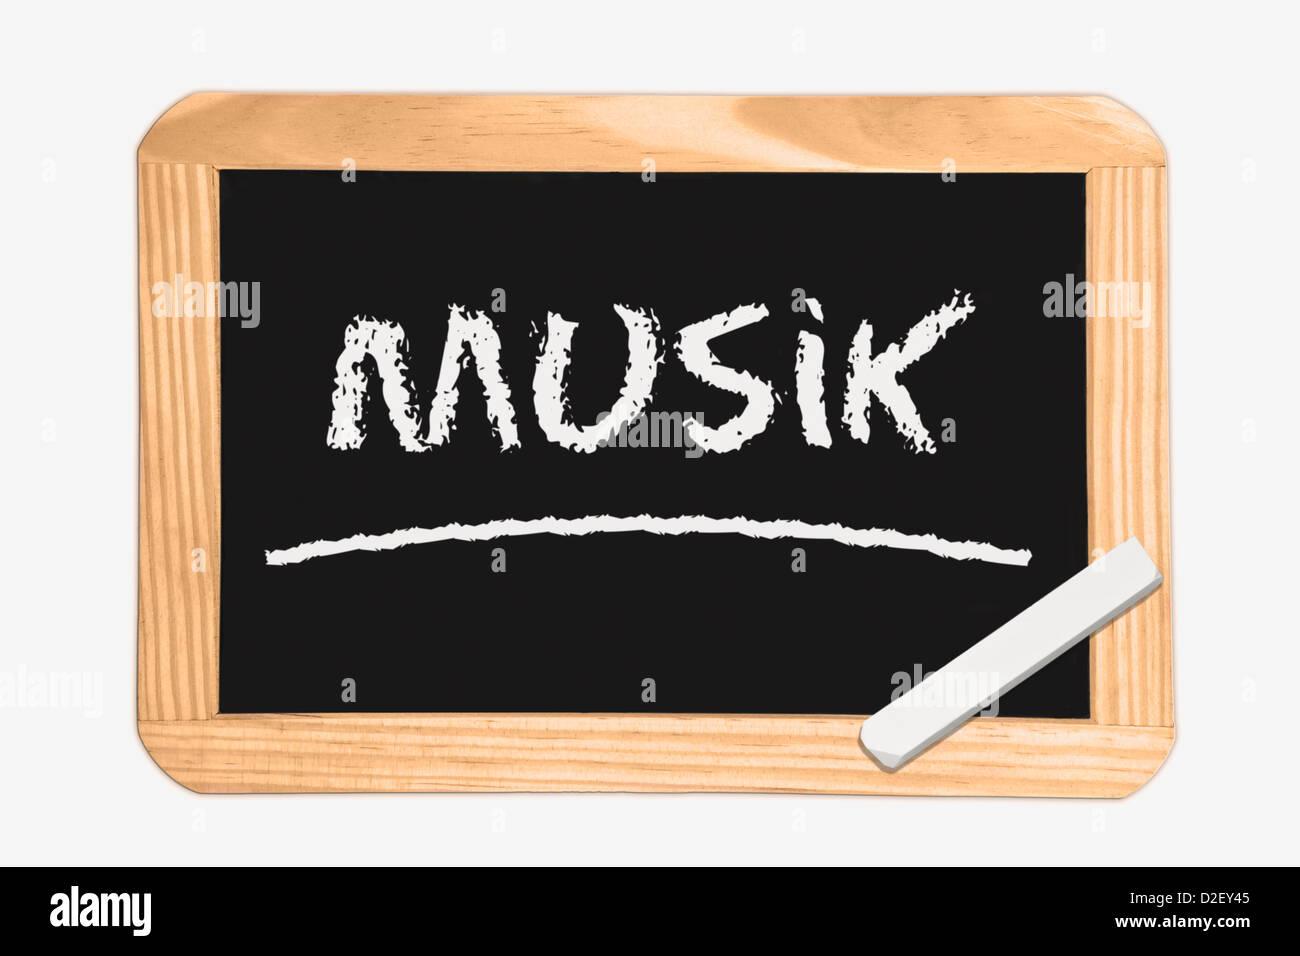 Detail-Foto von einer Tafel mit der deutschen Aufschrift Musik, weiße Kreide liegt in einer Ecke Stockbild